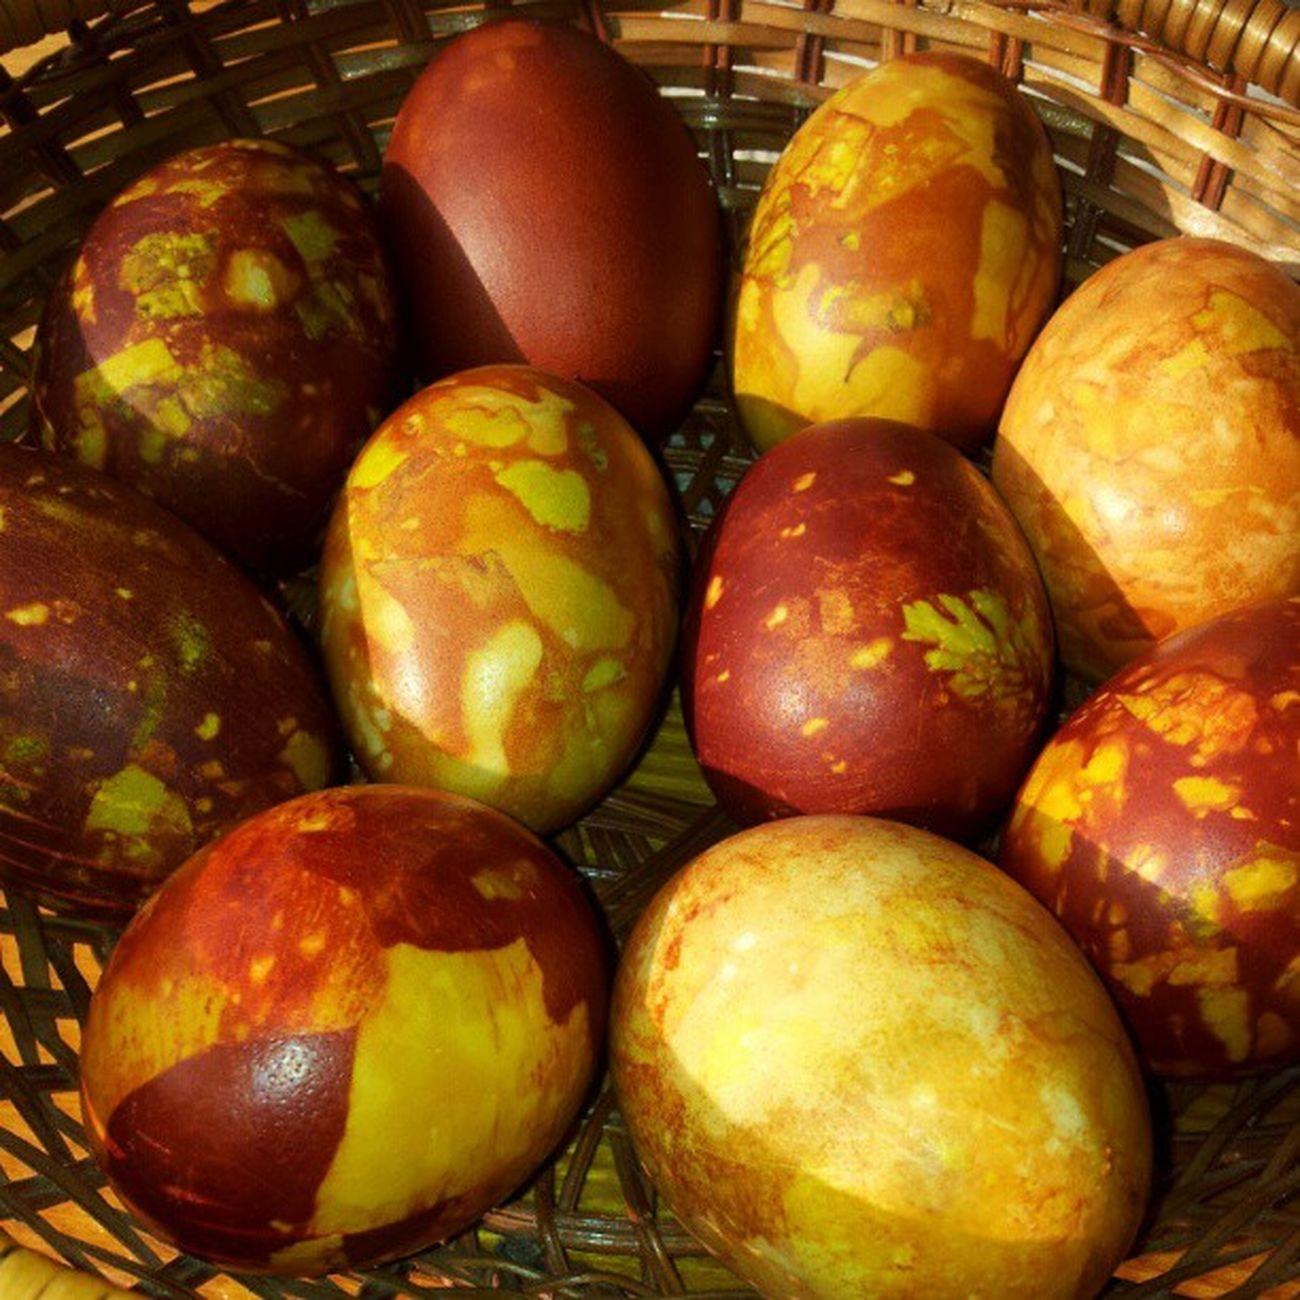 pirmās oliņas jau tiks iesvētītas šodien. Eggs LIeldienas